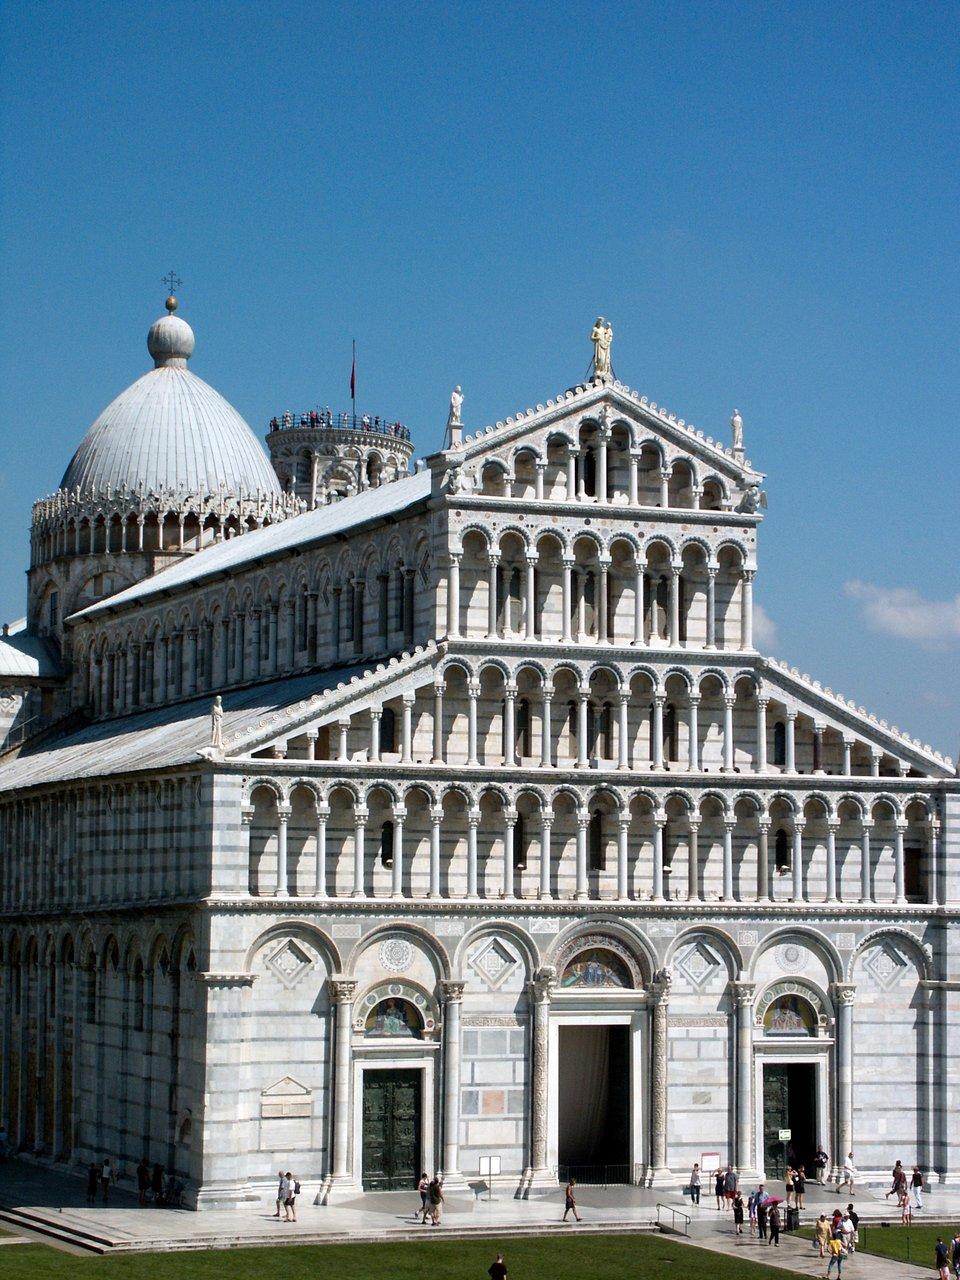 """Widokod strony zachodniej katedry wPizie pw. Santa Maria Assunta (Wniebowzięcia Najświętszej Marii Panny) wzniesionej wlatach 1063-1118-1350. Ztyłu ponad dachem ikopułą widać szczyt dzwonnicy, czyli tzw. """"krzywej wieży"""". Zwróć uwagę, że na jej szczycie widać zwiedzających turystów, co doskonale pokazuje skalę całego założenia architektonicznego.Katedrę – wówczas jeszcze nie ukończoną – poświęcił papież Galezjusz II w1118 r.Dzwonnicę zaczęto wznosić w1174 r., amimo odchylania się od pionu ostatnią kondygnację dodano w1350 r. Ostatecznie osiągnęła wysokość 55 m. Widokod strony zachodniej katedry wPizie pw. Santa Maria Assunta (Wniebowzięcia Najświętszej Marii Panny) wzniesionej wlatach 1063-1118-1350. Ztyłu ponad dachem ikopułą widać szczyt dzwonnicy, czyli tzw. """"krzywej wieży"""". Zwróć uwagę, że na jej szczycie widać zwiedzających turystów, co doskonale pokazuje skalę całego założenia architektonicznego.Katedrę – wówczas jeszcze nie ukończoną – poświęcił papież Galezjusz II w1118 r.Dzwonnicę zaczęto wznosić w1174 r., amimo odchylania się od pionu ostatnią kondygnację dodano w1350 r. Ostatecznie osiągnęła wysokość 55 m. Źródło: Jean-Christophe Benoist, Wikimedia Commons, licencja: CC BY-SA 3.0."""